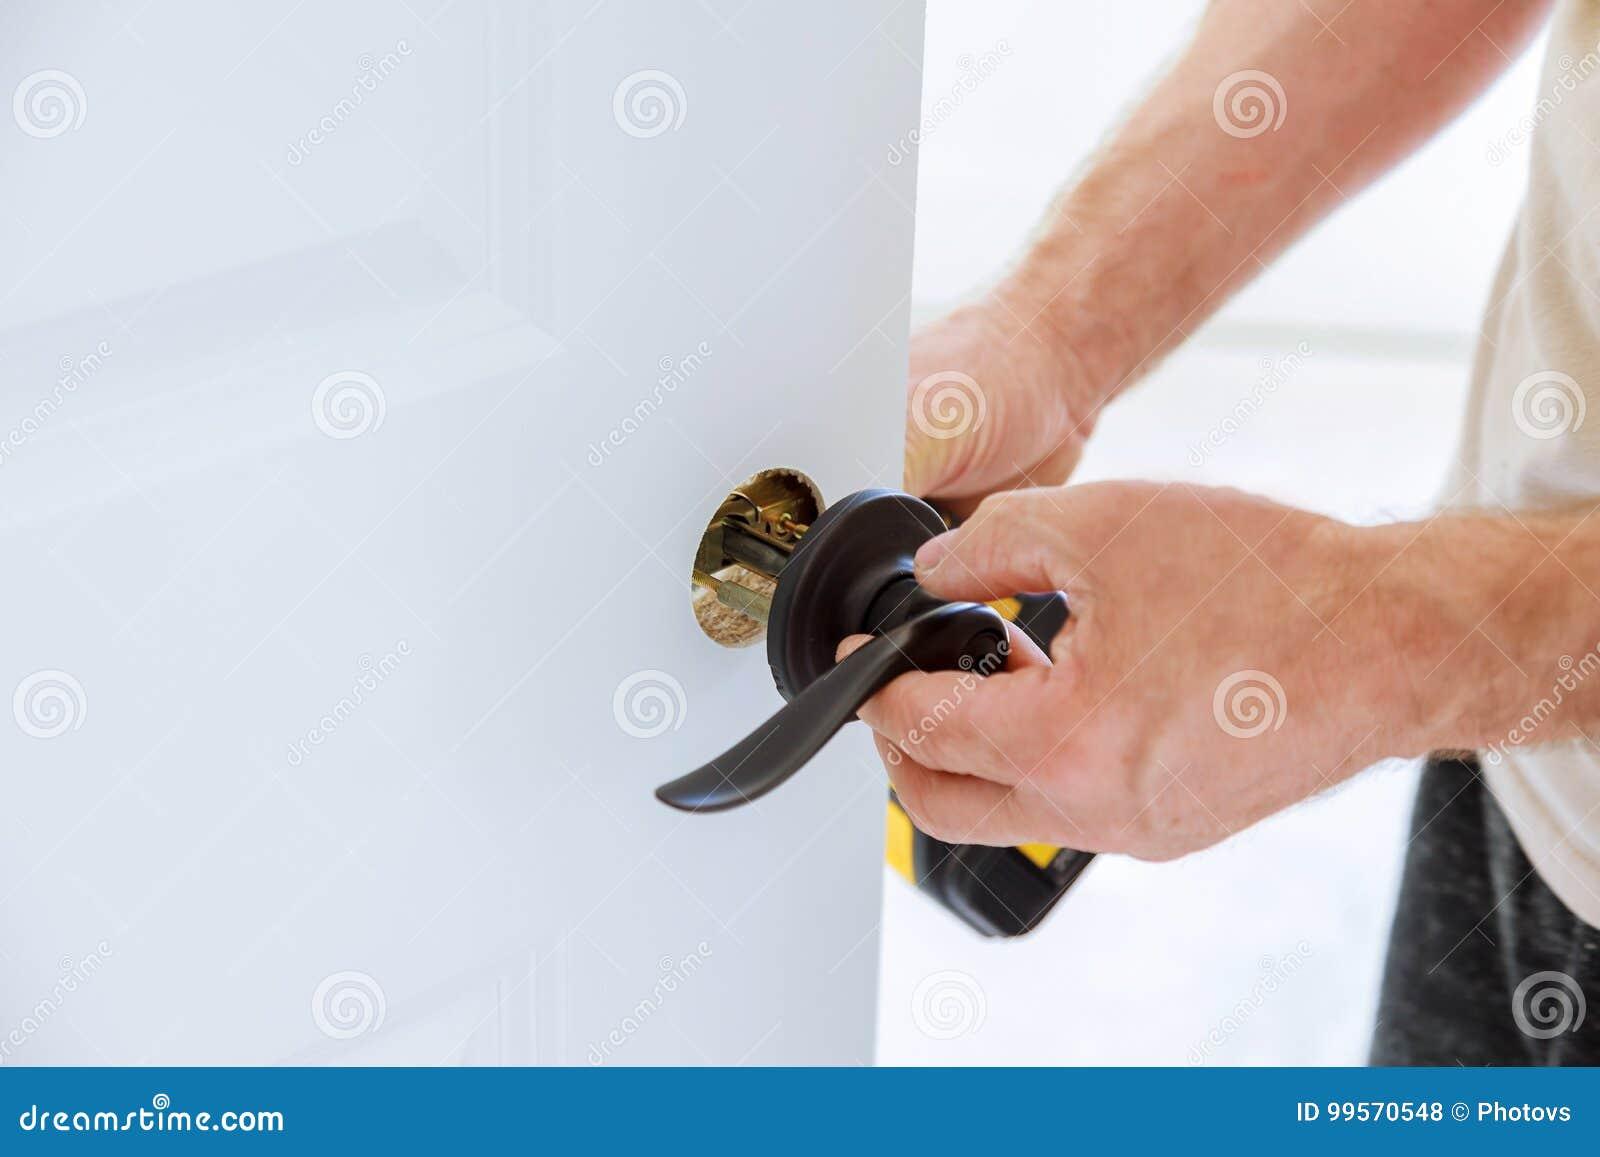 Εγκαταστήστε τη λαβή πορτών με μια κλειδαριά, ο ξυλουργός σφίγγει τη βίδα, χρησιμοποιώντας ένα ηλεκτρικό κατσαβίδι τρυπανιών